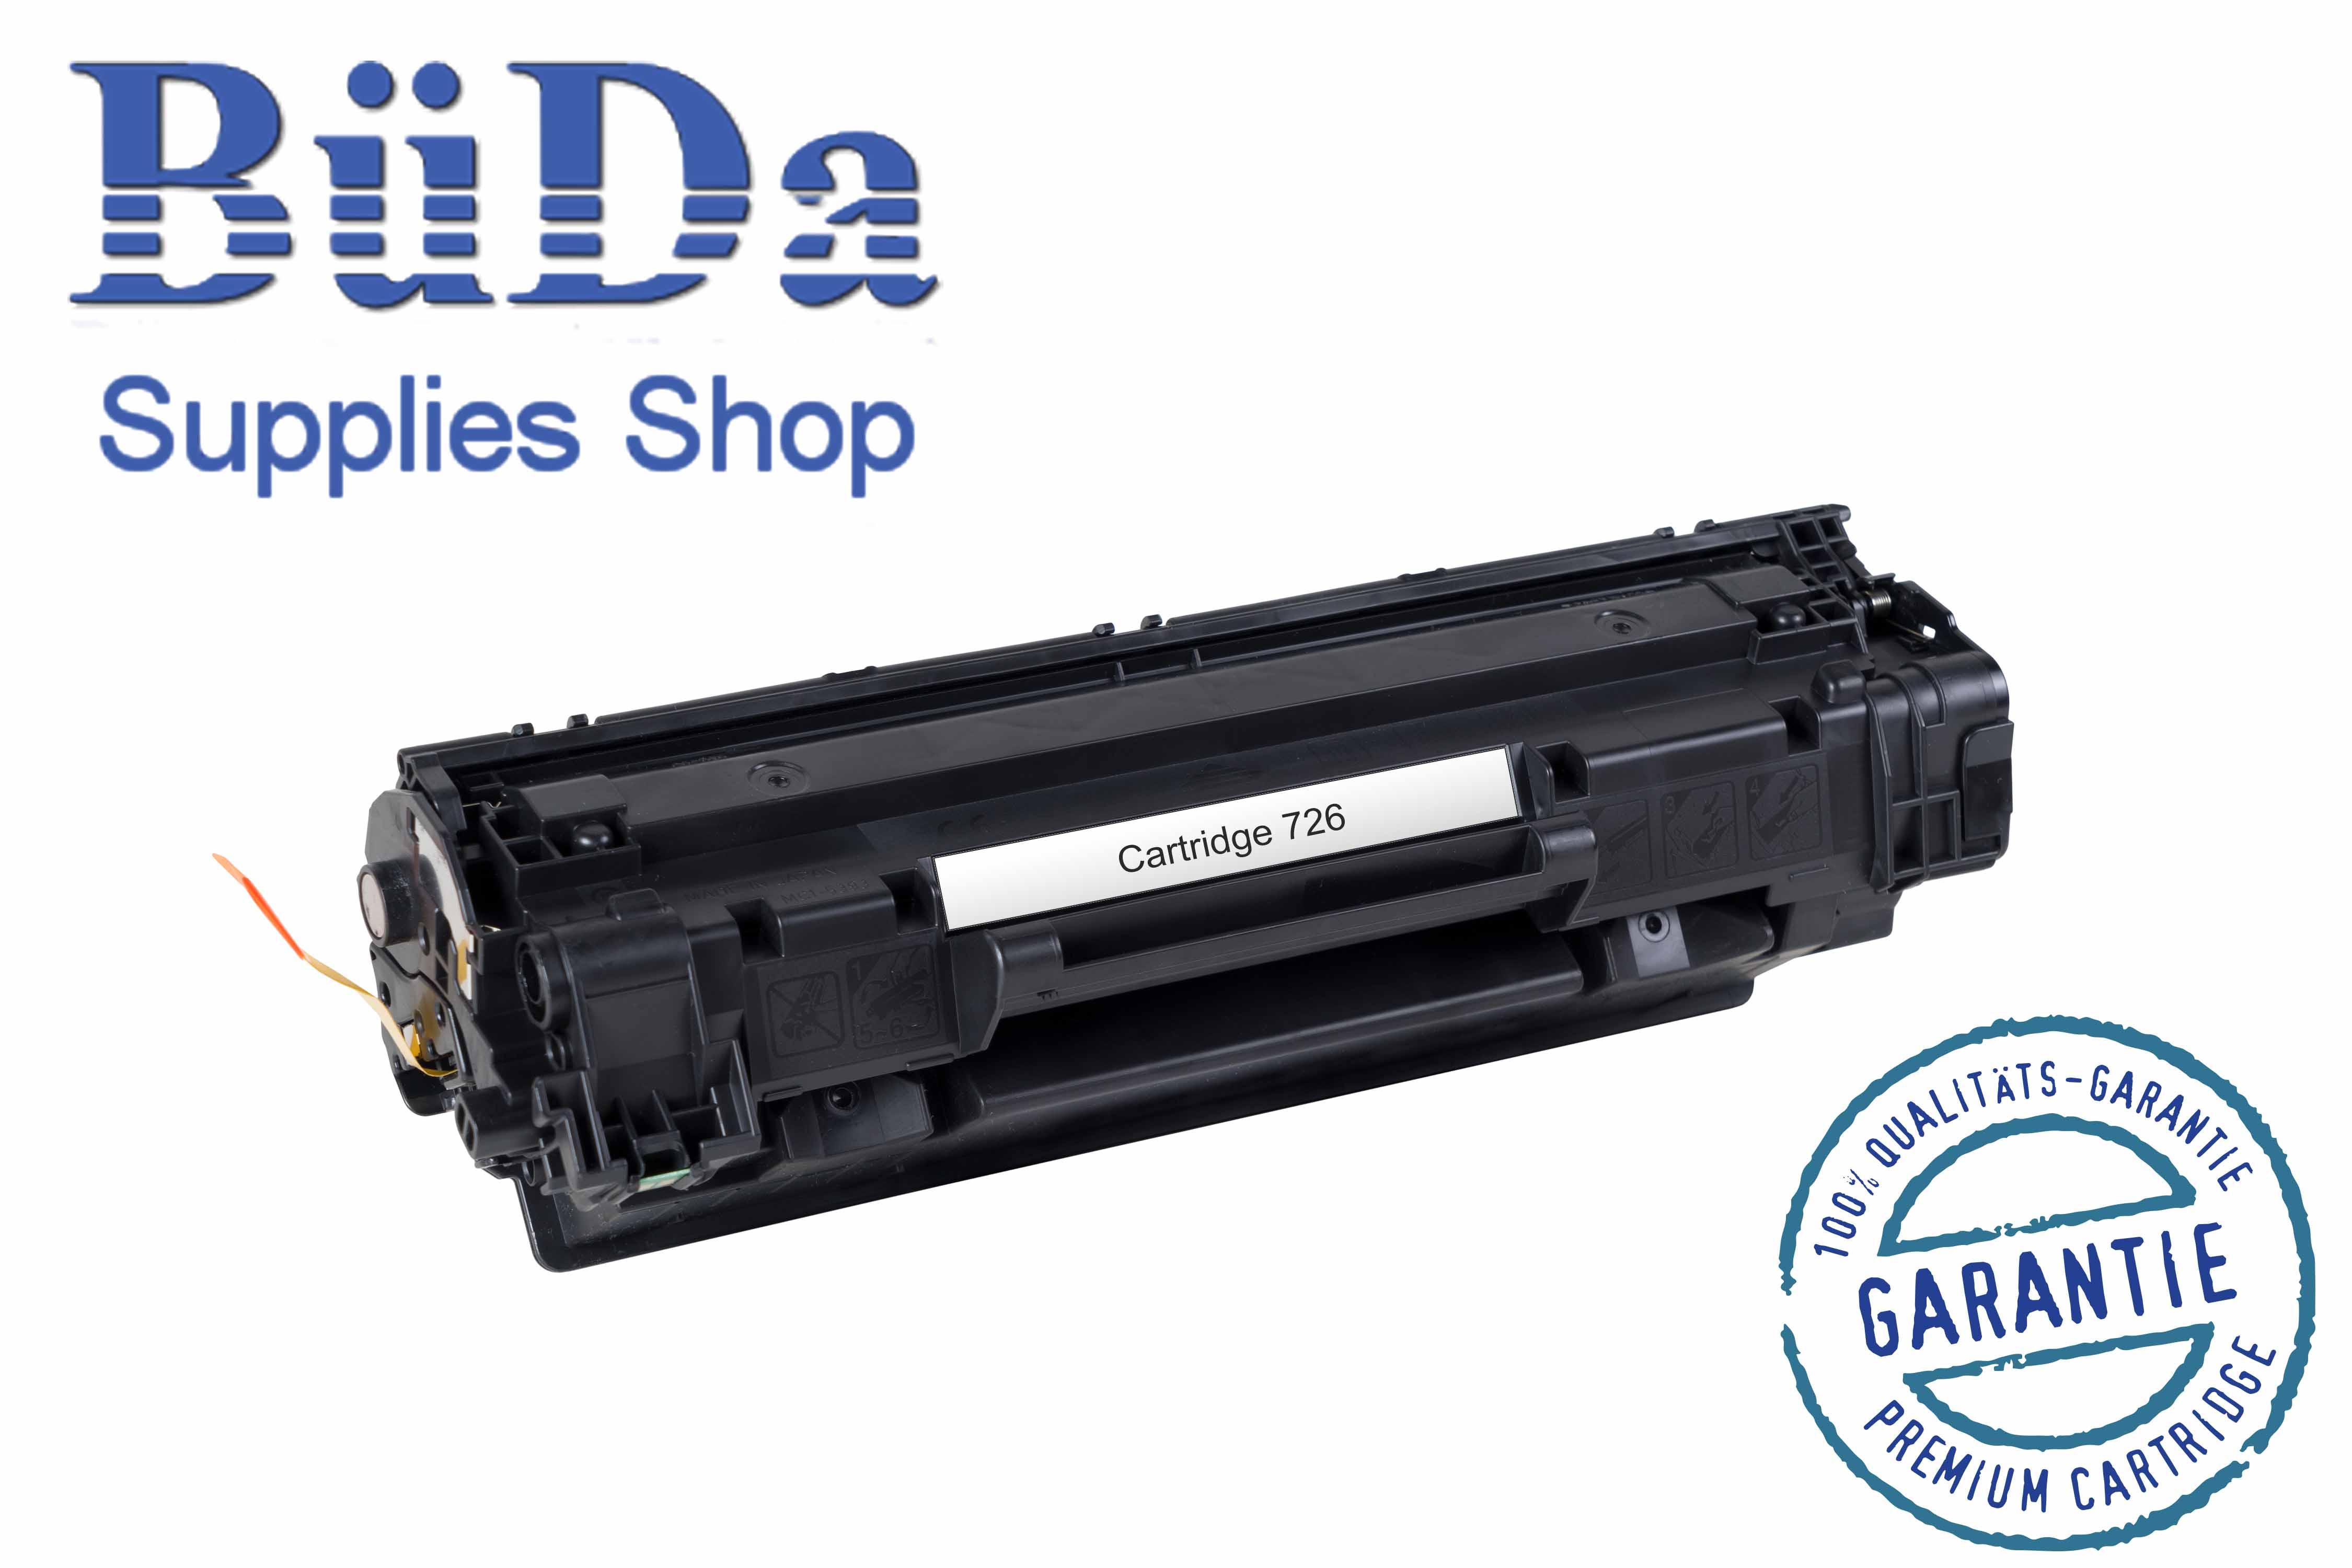 Toner-Modul komp. zu Cartridge 726 black 2100 Seiten